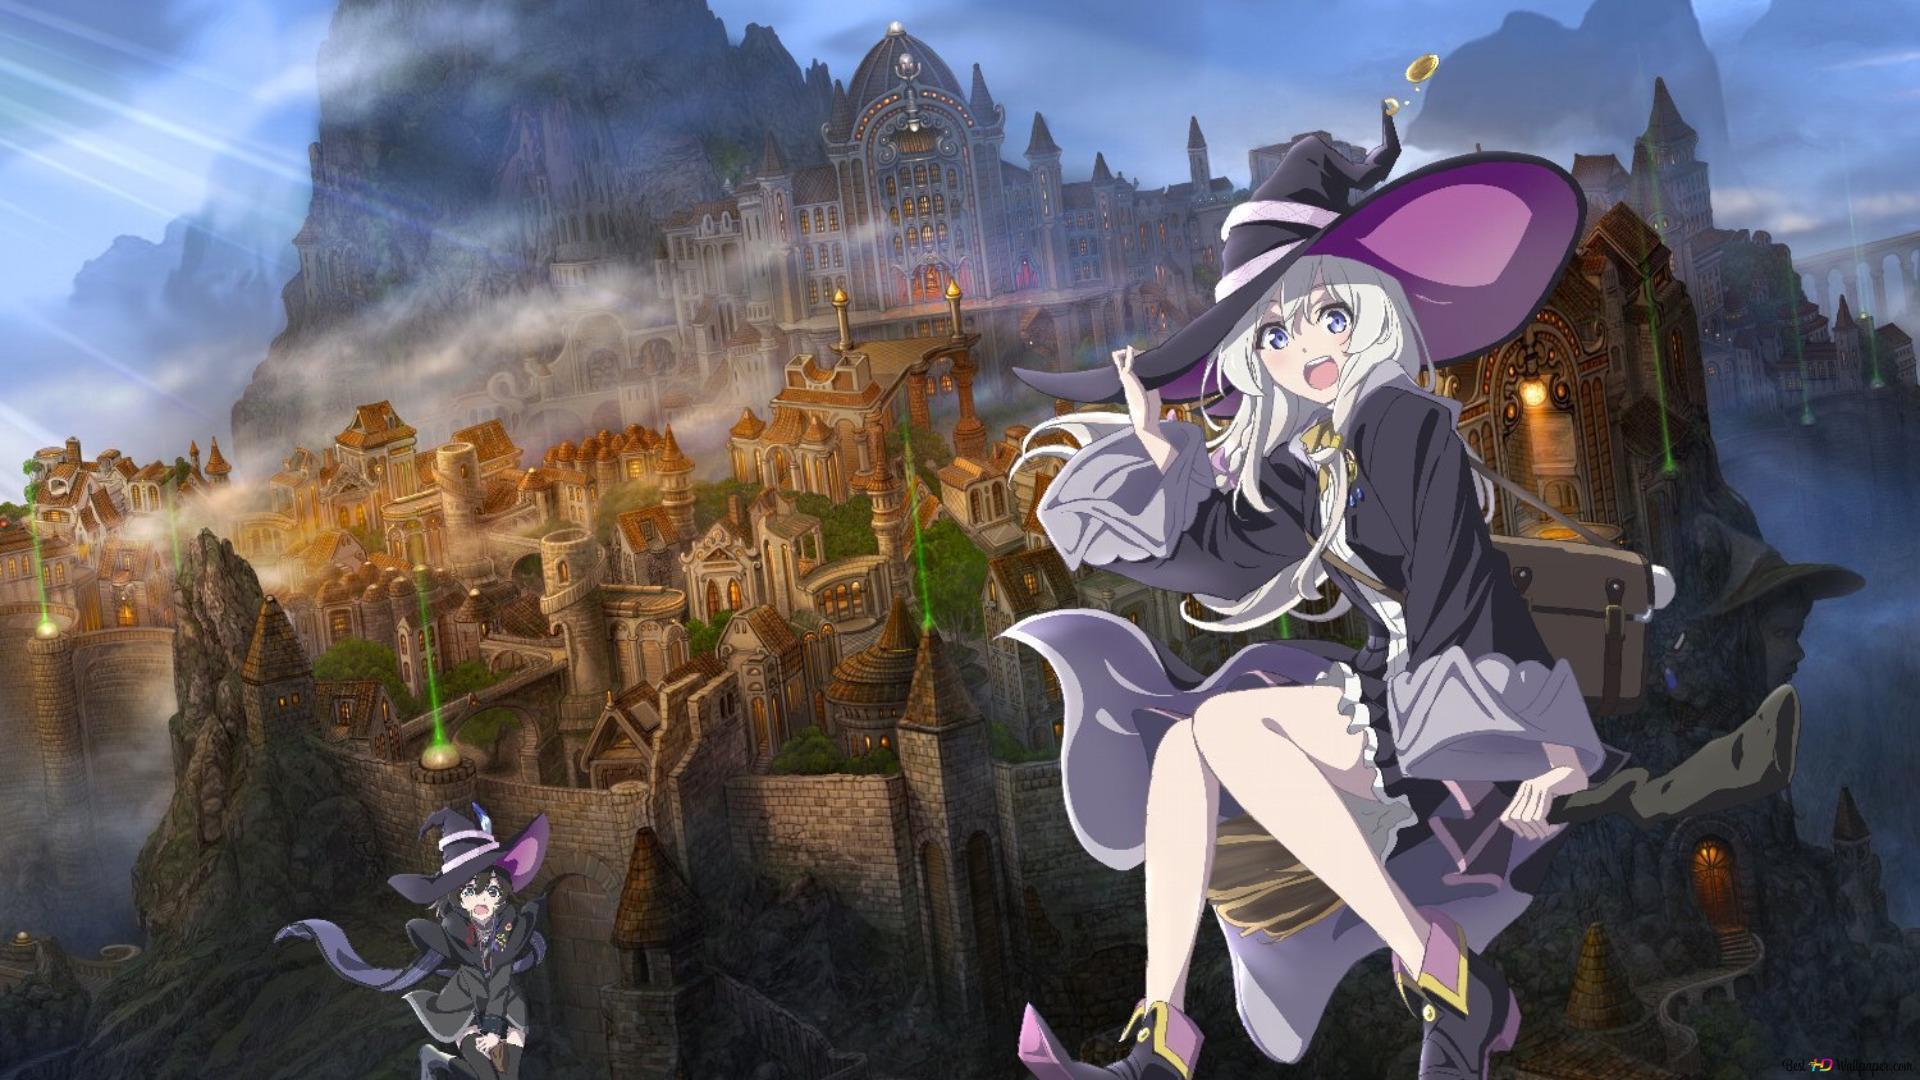 魔女の旅々アニメ Hd壁紙のダウンロード